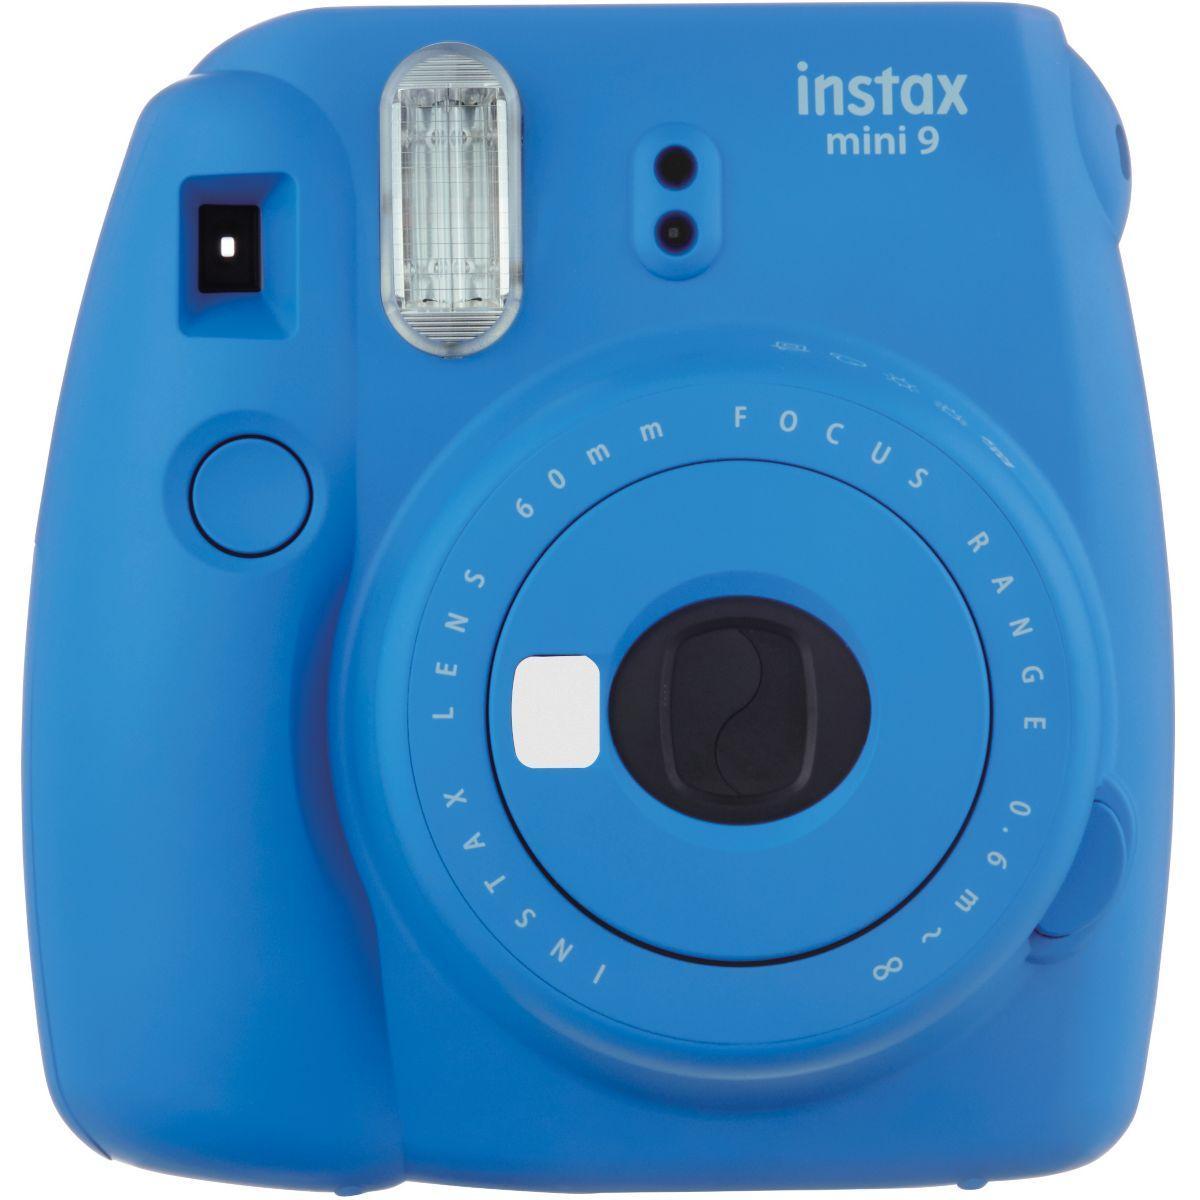 Appareil photo numérique fuji instax mini 9 - bleu cobalt - livraison offerte avec le code nouveaute